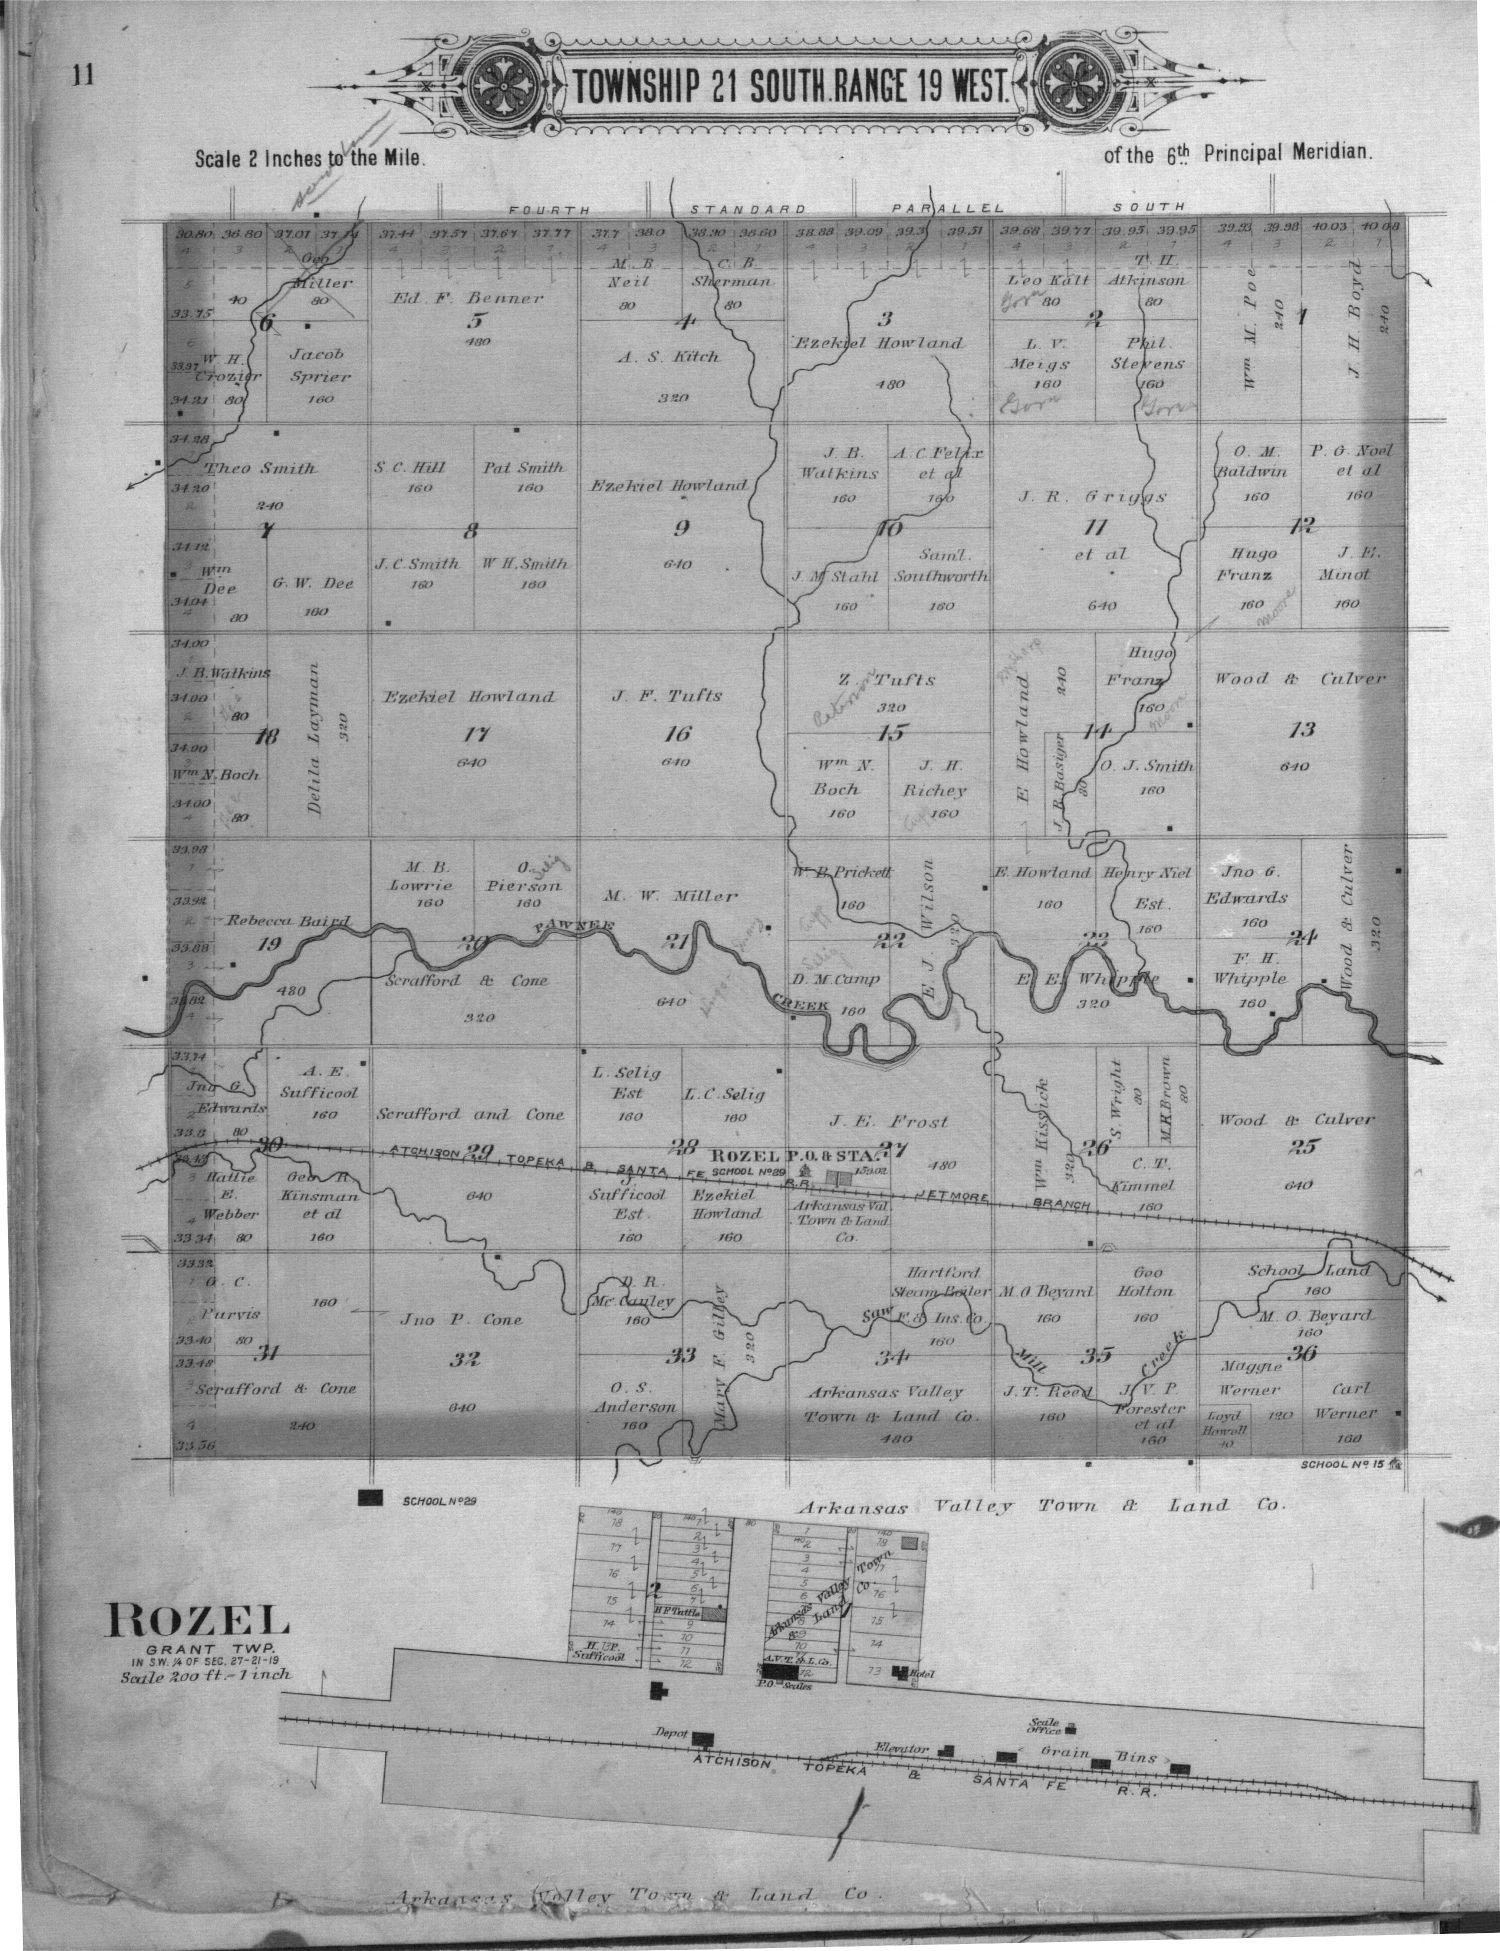 Plat book of Pawnee County, Kansas - 11